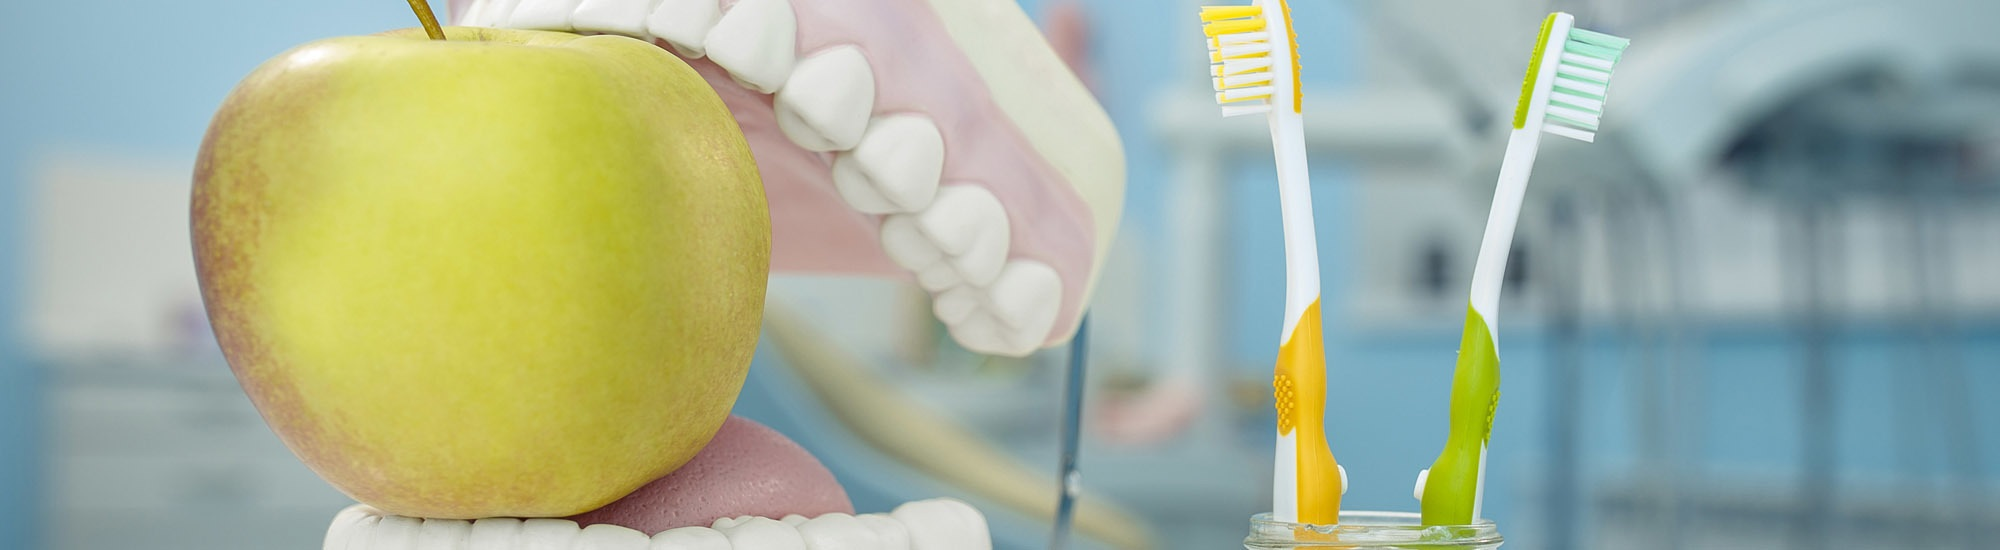 asap bg denture repairs